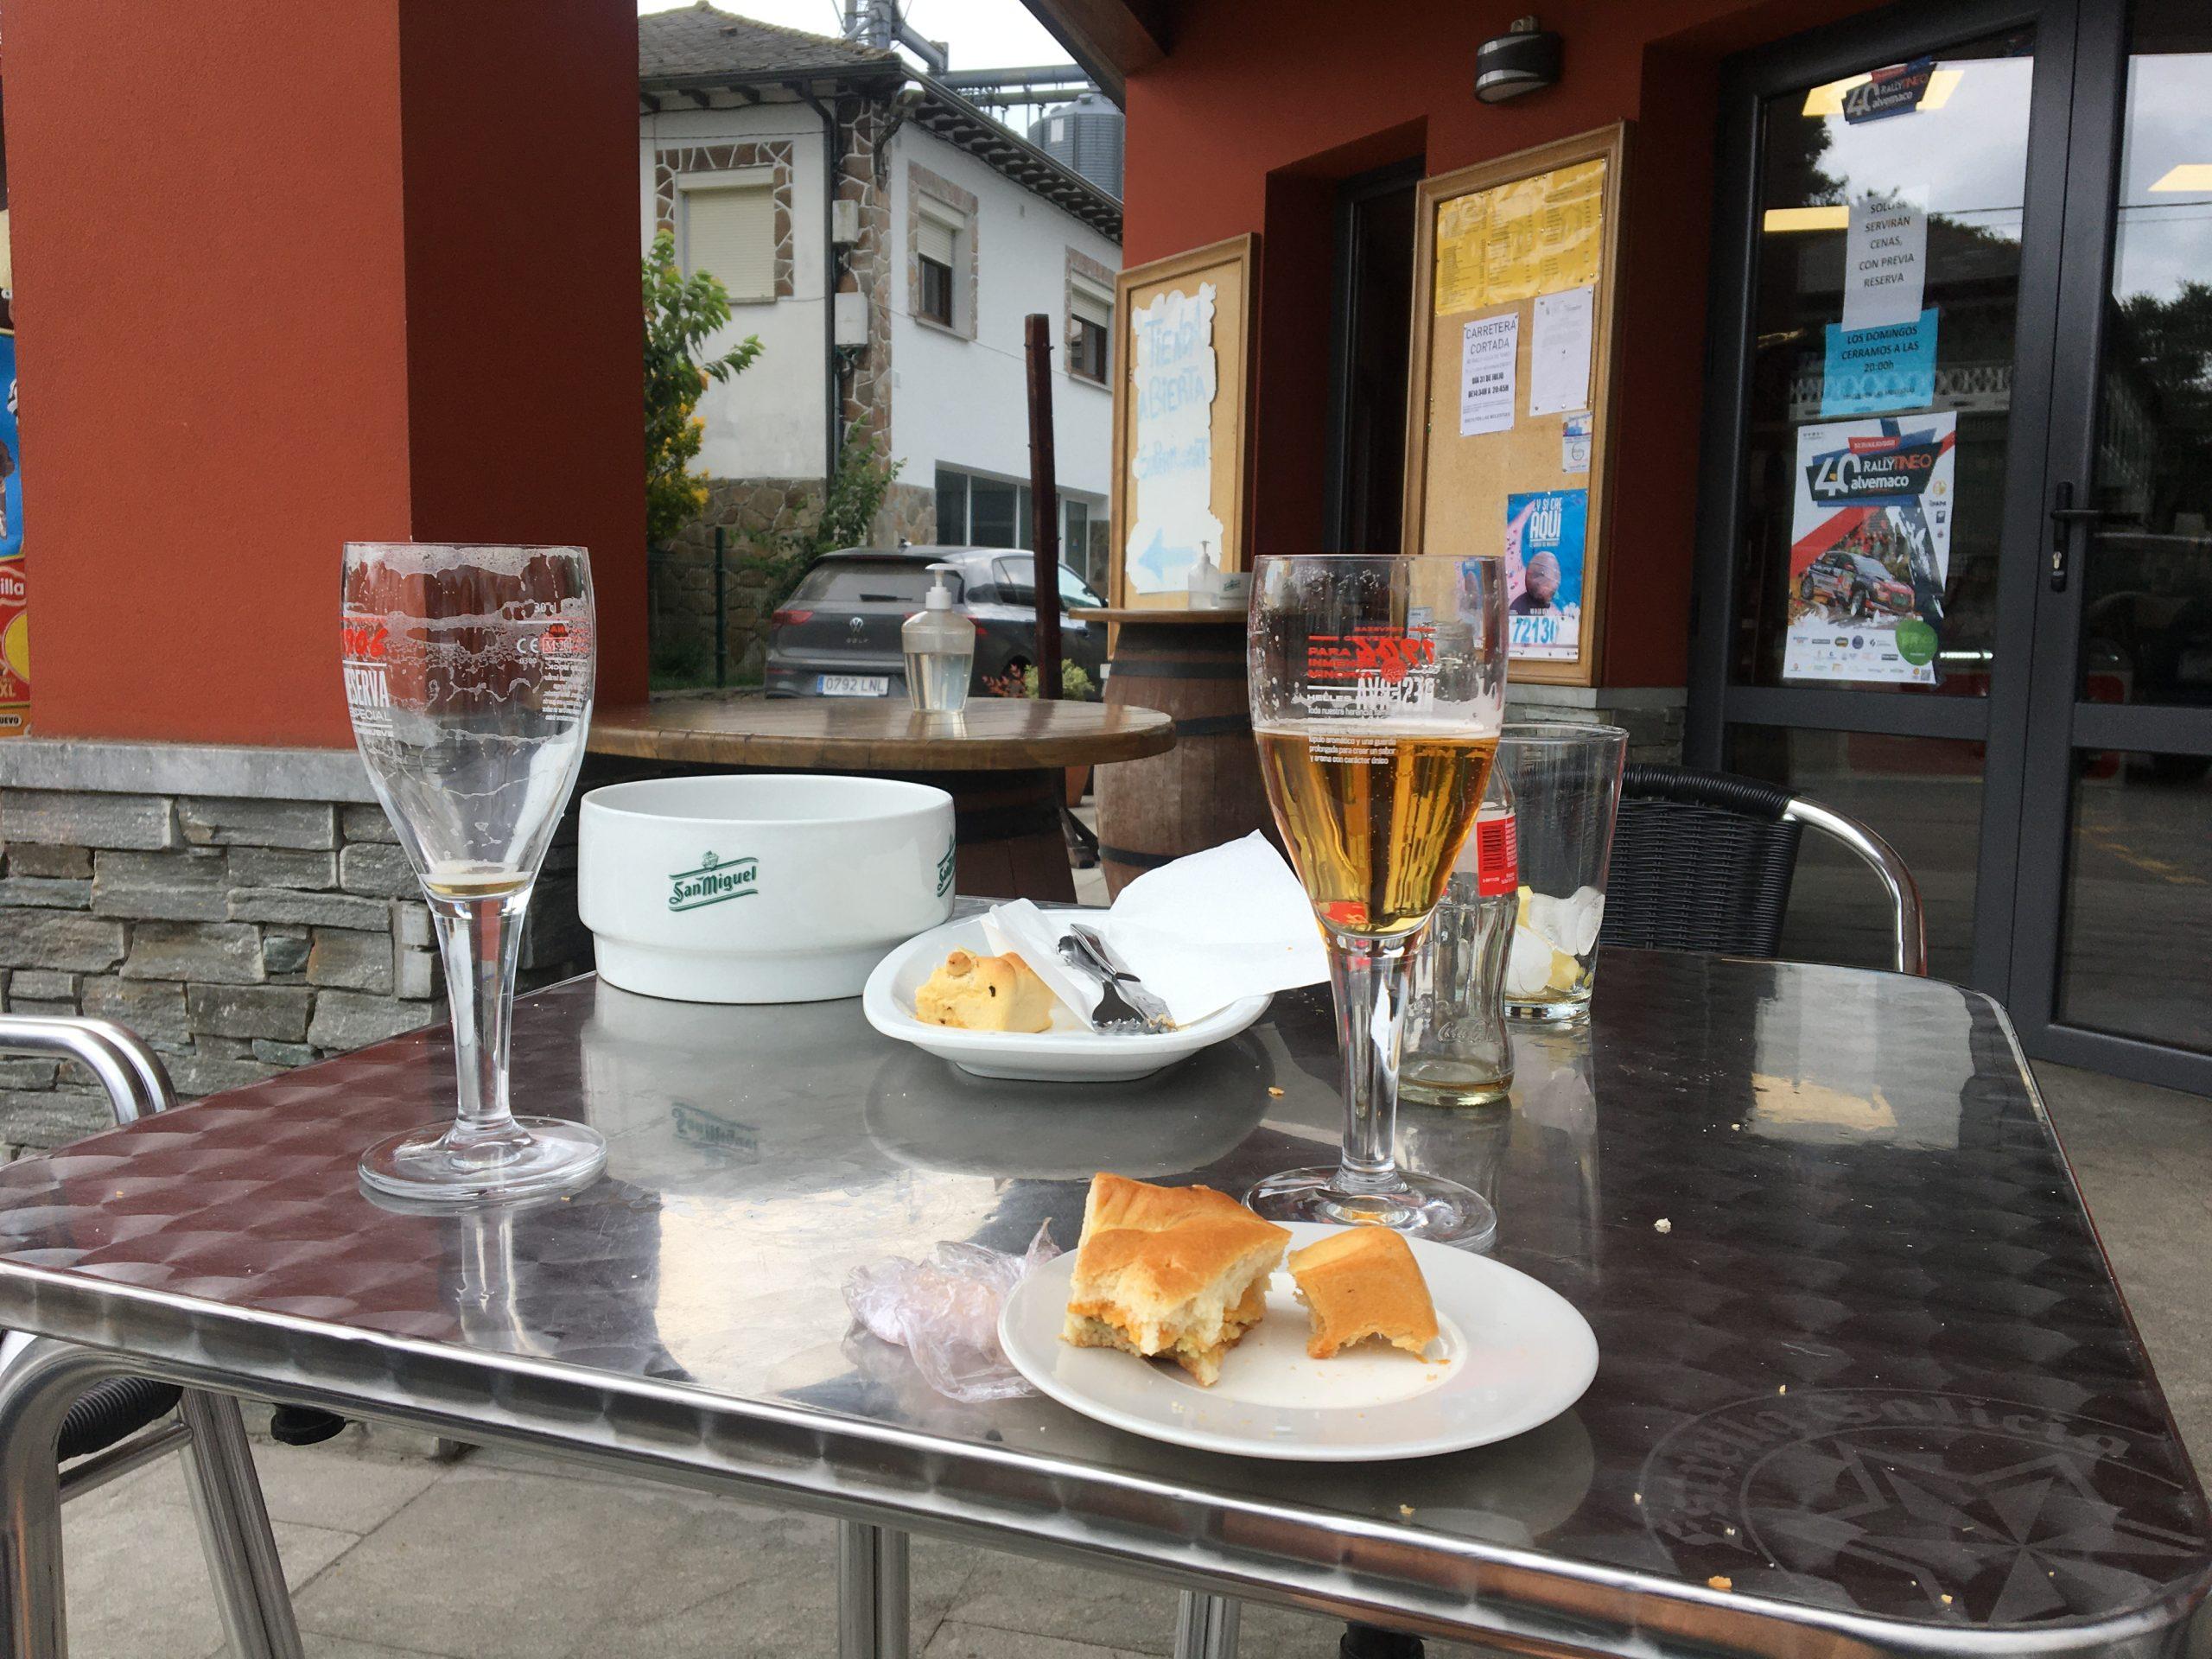 Cerveza and empanada break in Campiello, Camino Primitivo